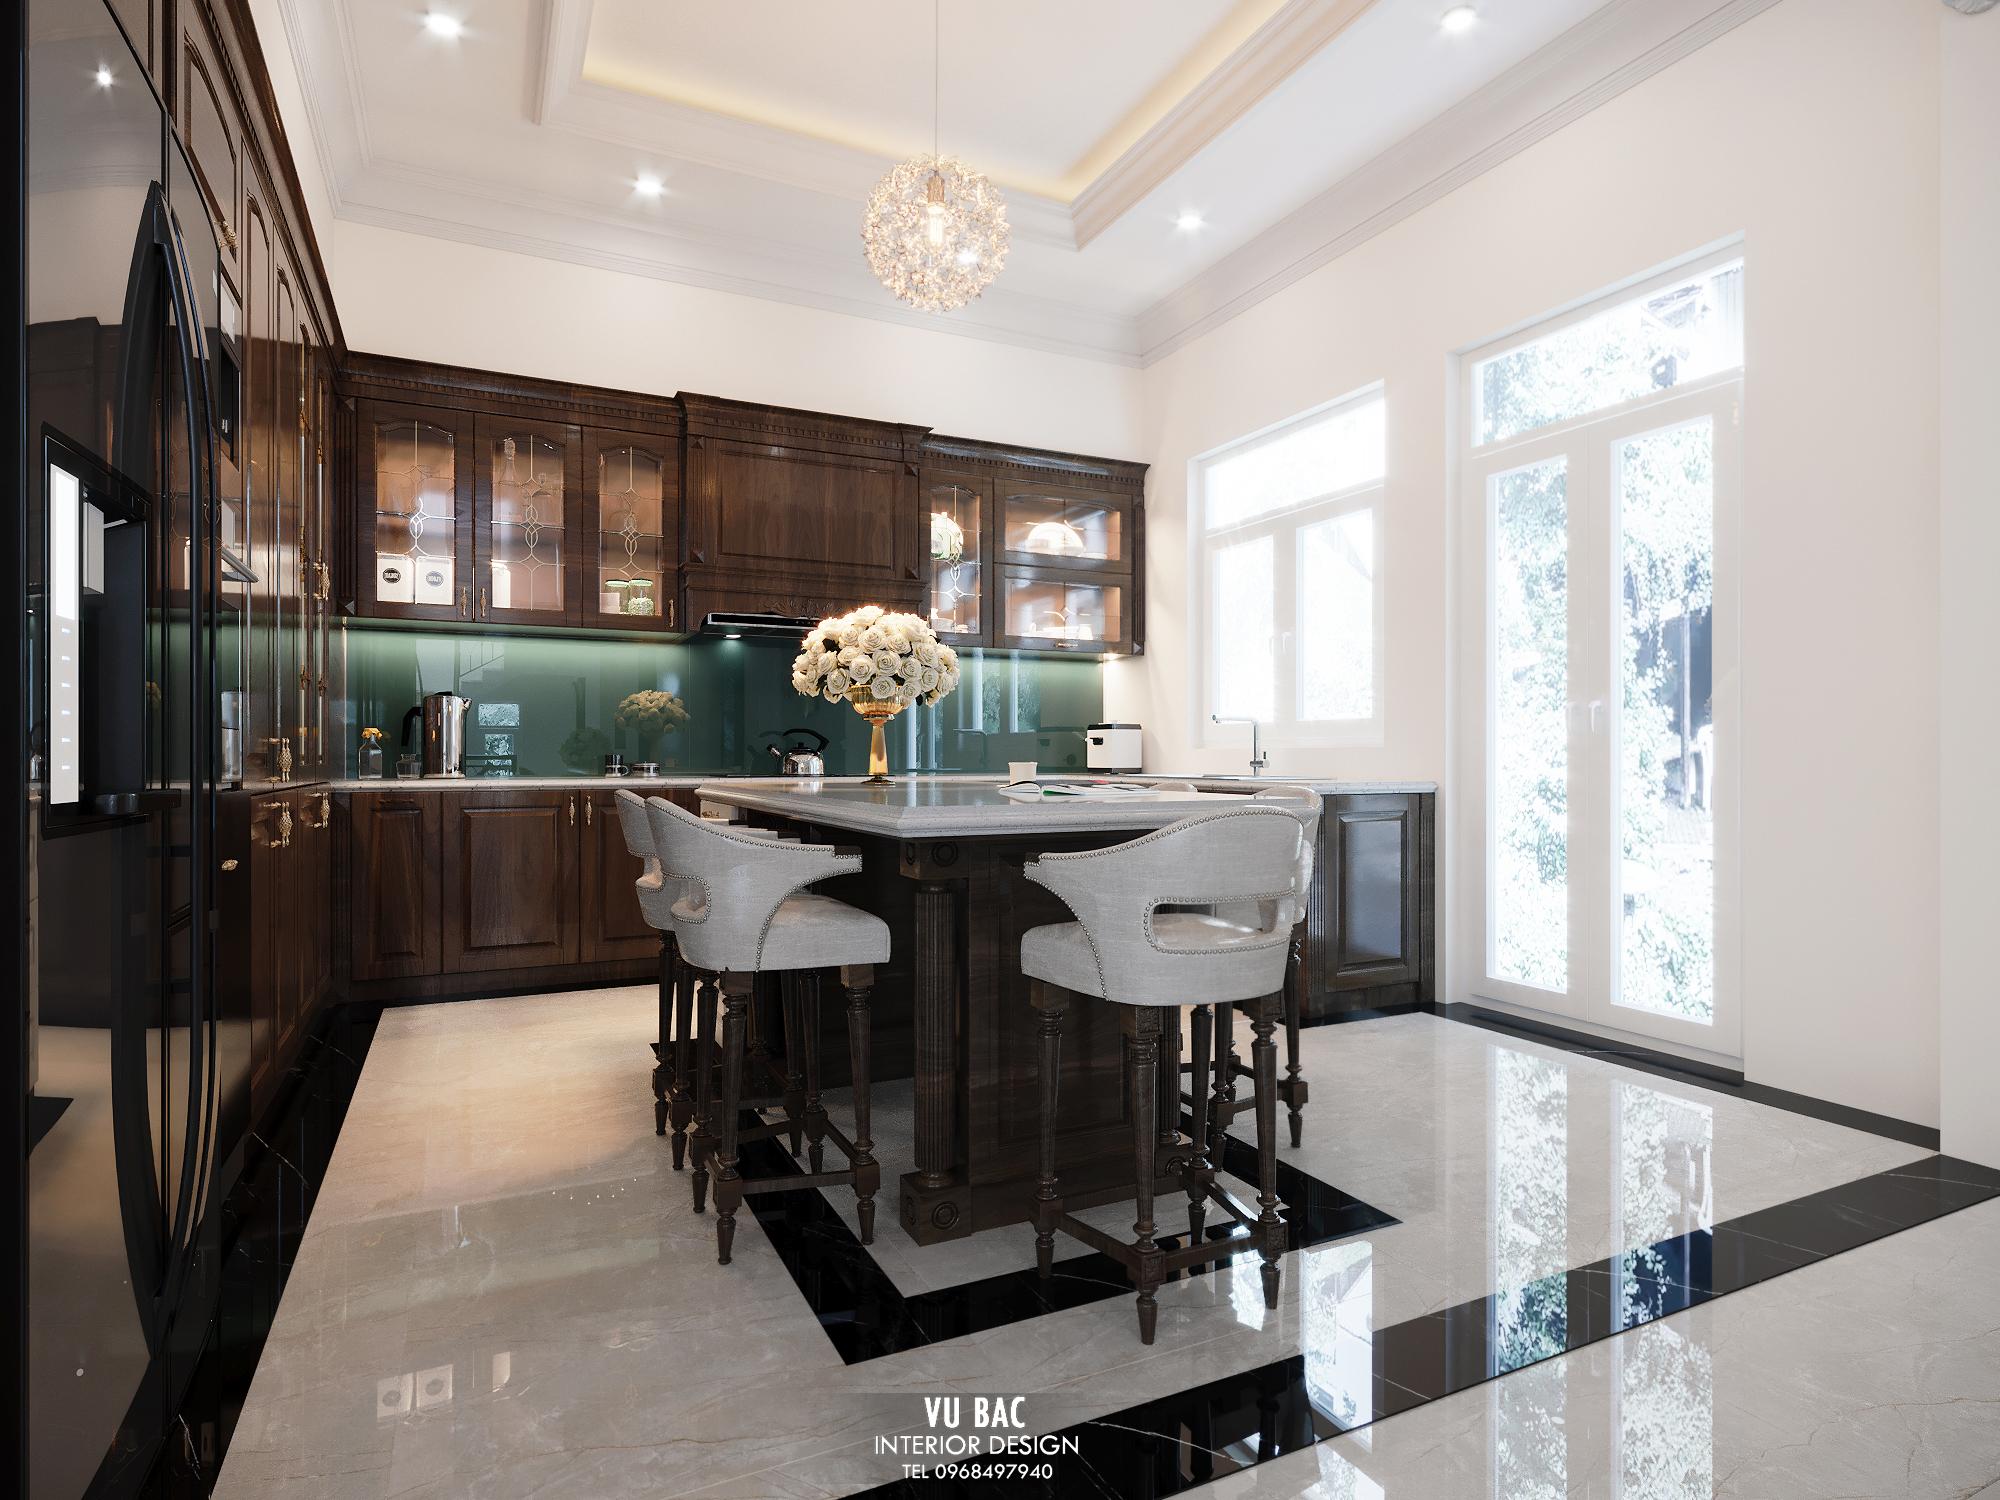 thiết kế nội thất Biệt Thự tại Hồ Chí Minh Villa Ven Sông Q7, Hồ Chí Minh 17 1548942995